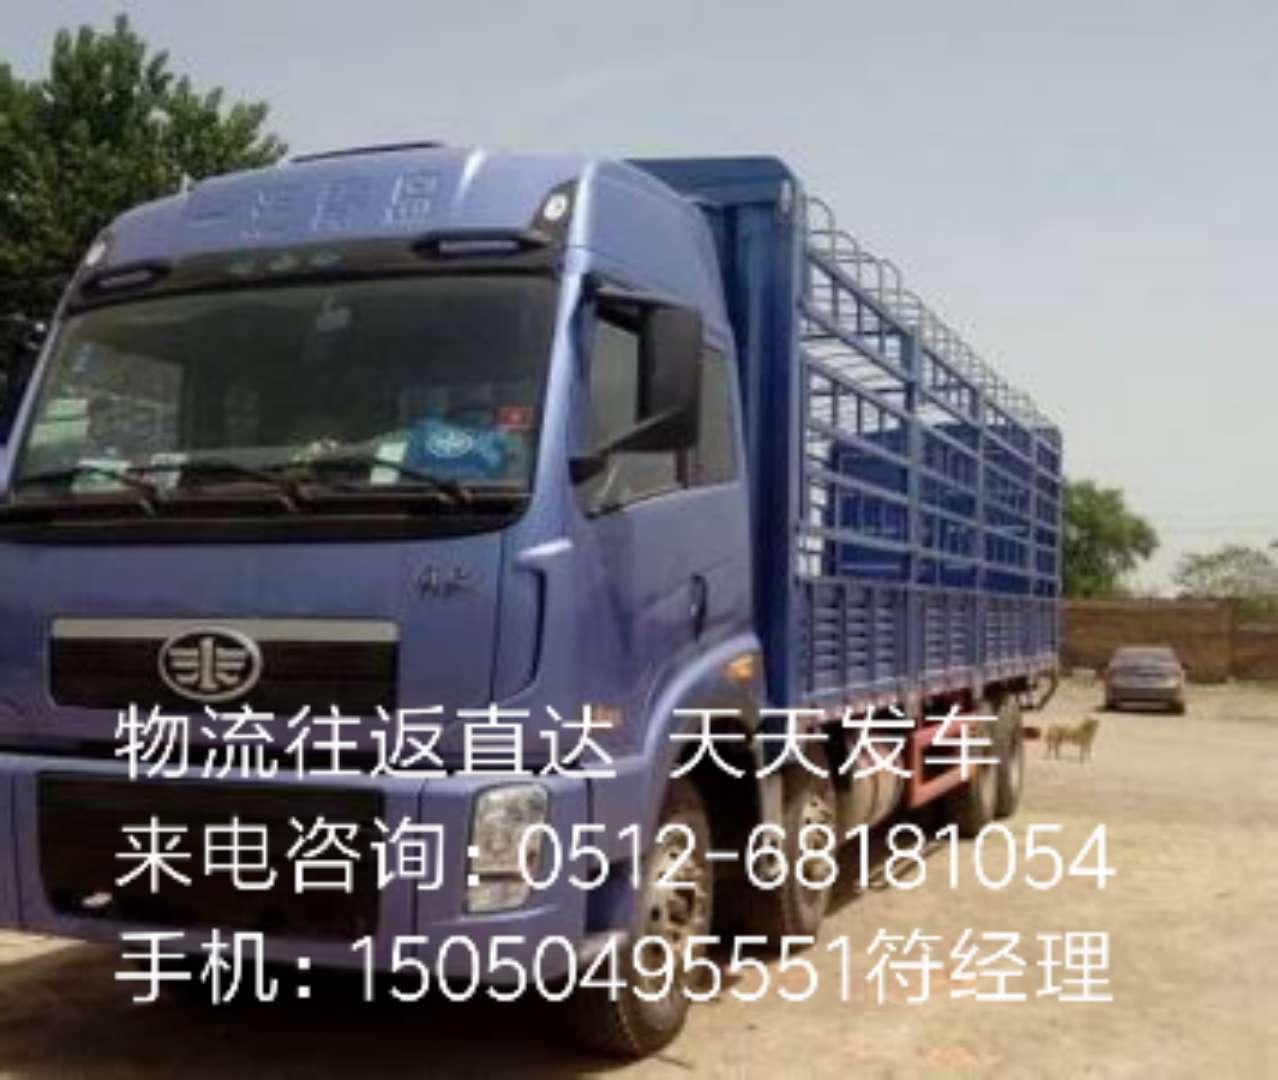 吴江到锡林郭勒盟货运专线欢迎您定时到达0512-68181054